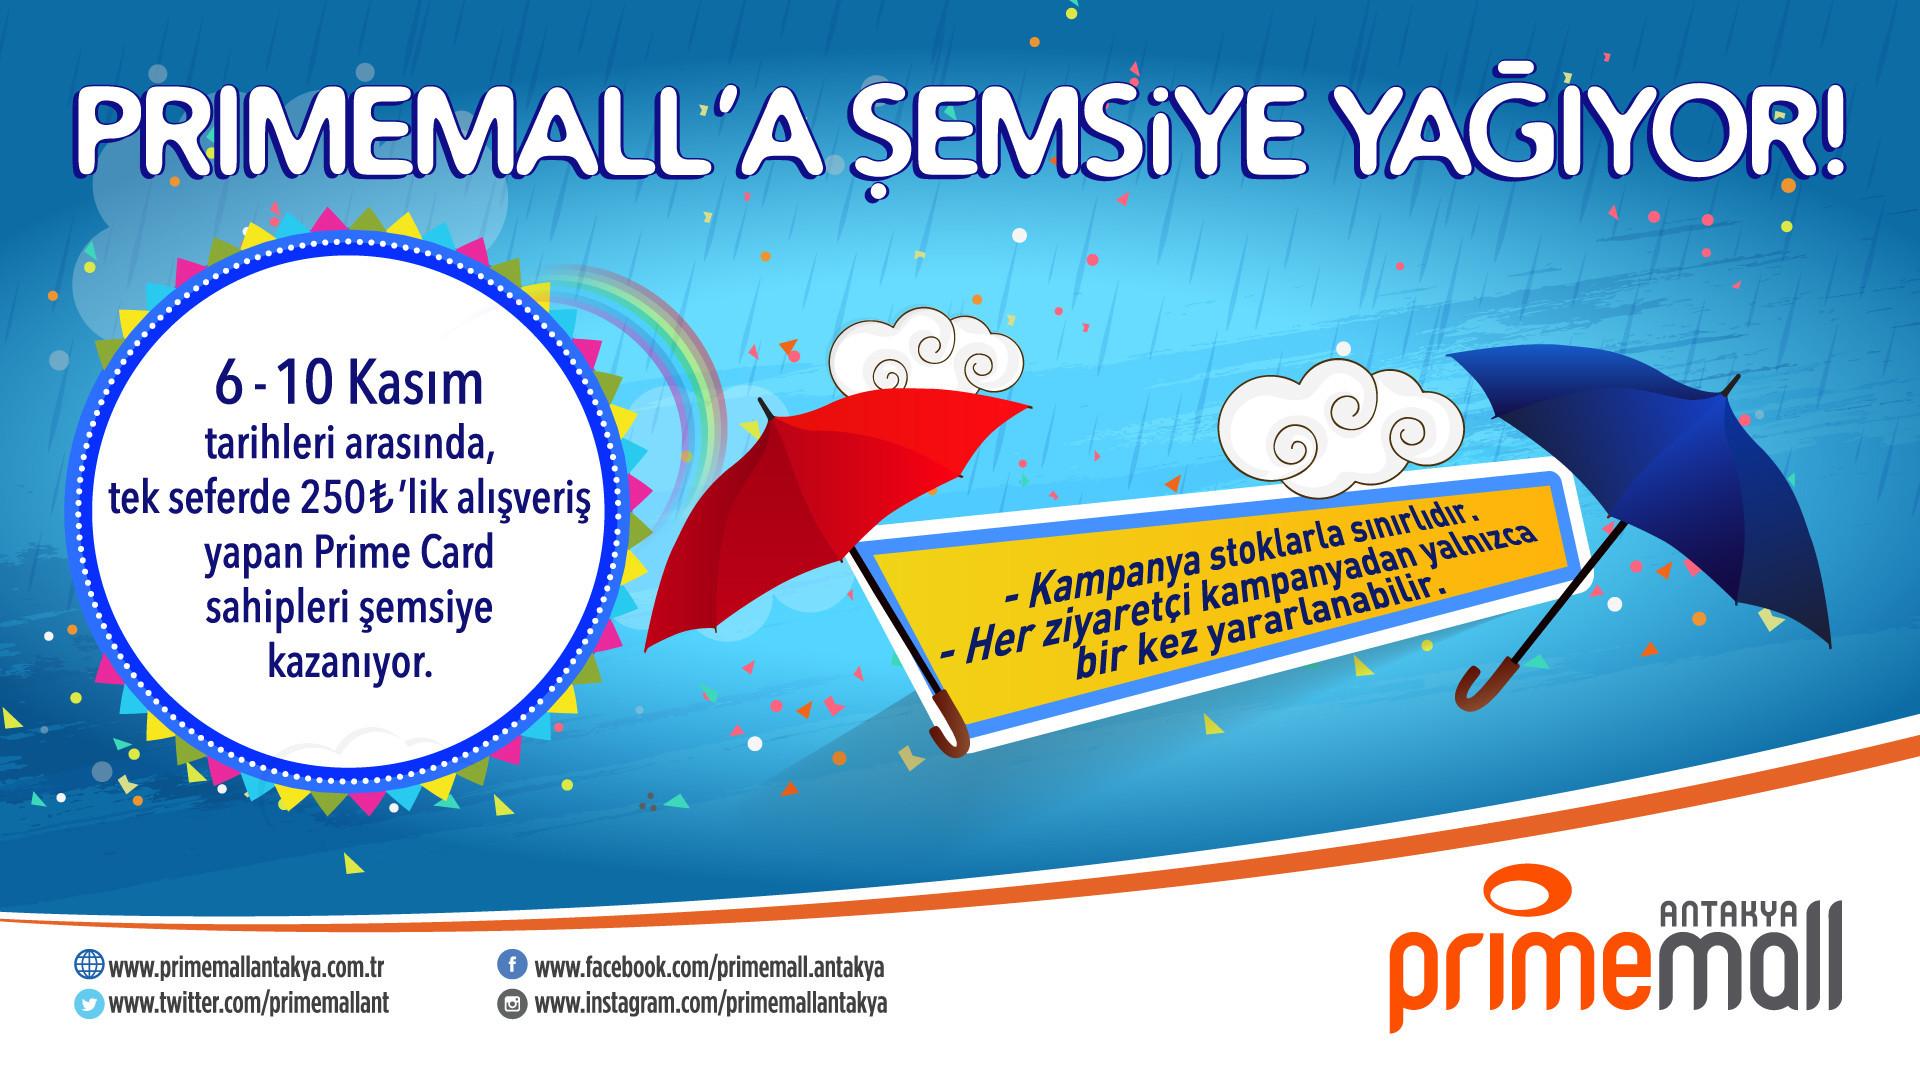 Primemall'a Şemsiye Yağıyor!